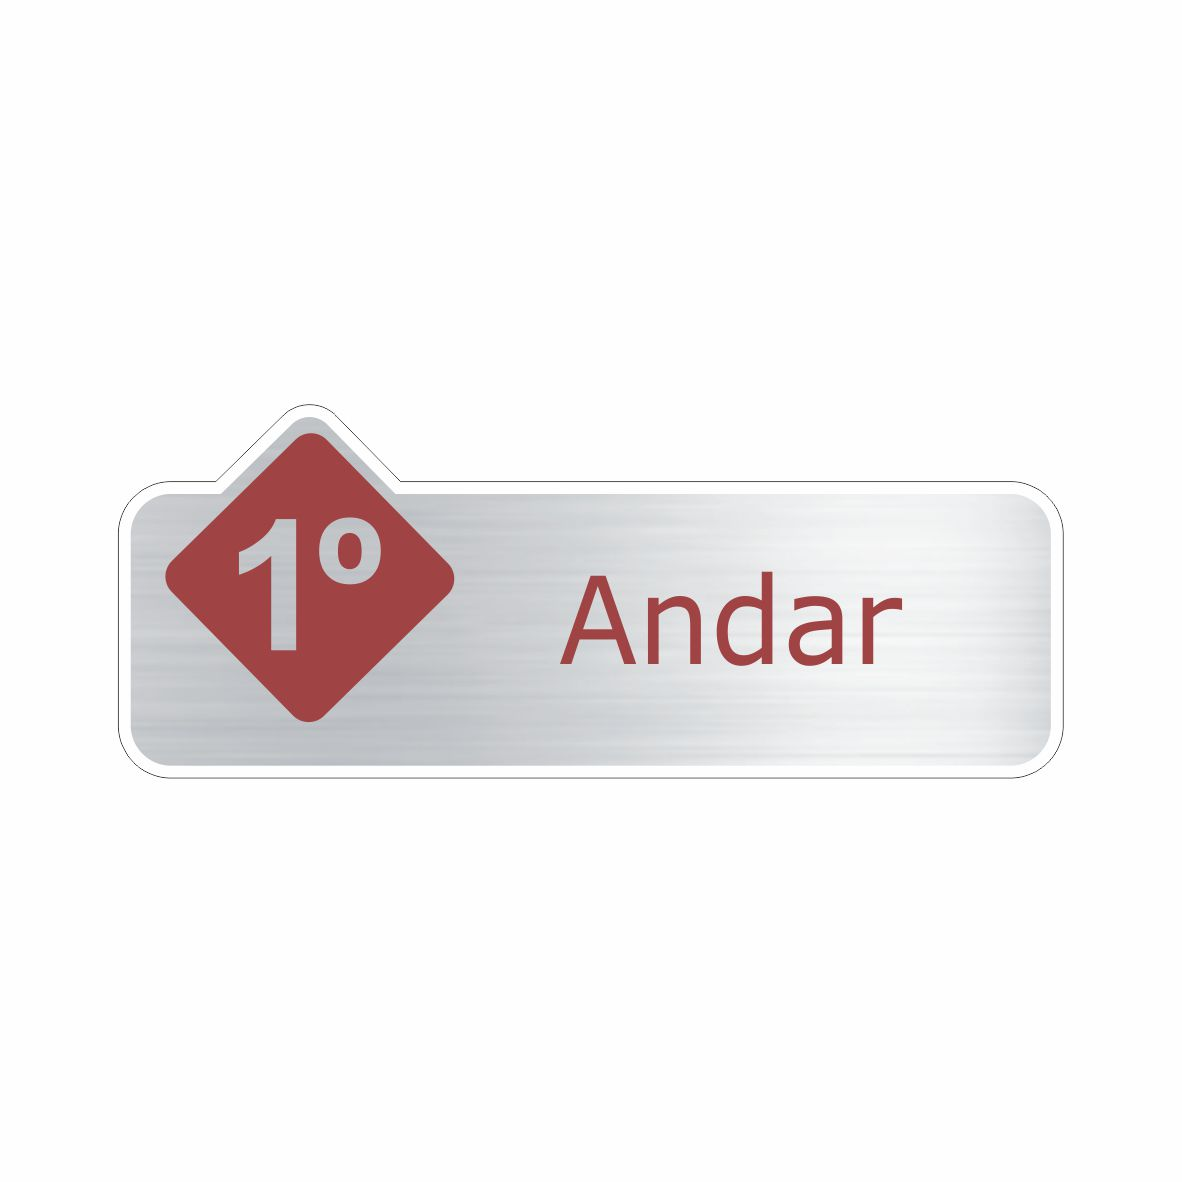 1º Andar  - Towbar Sinalização de Segurança